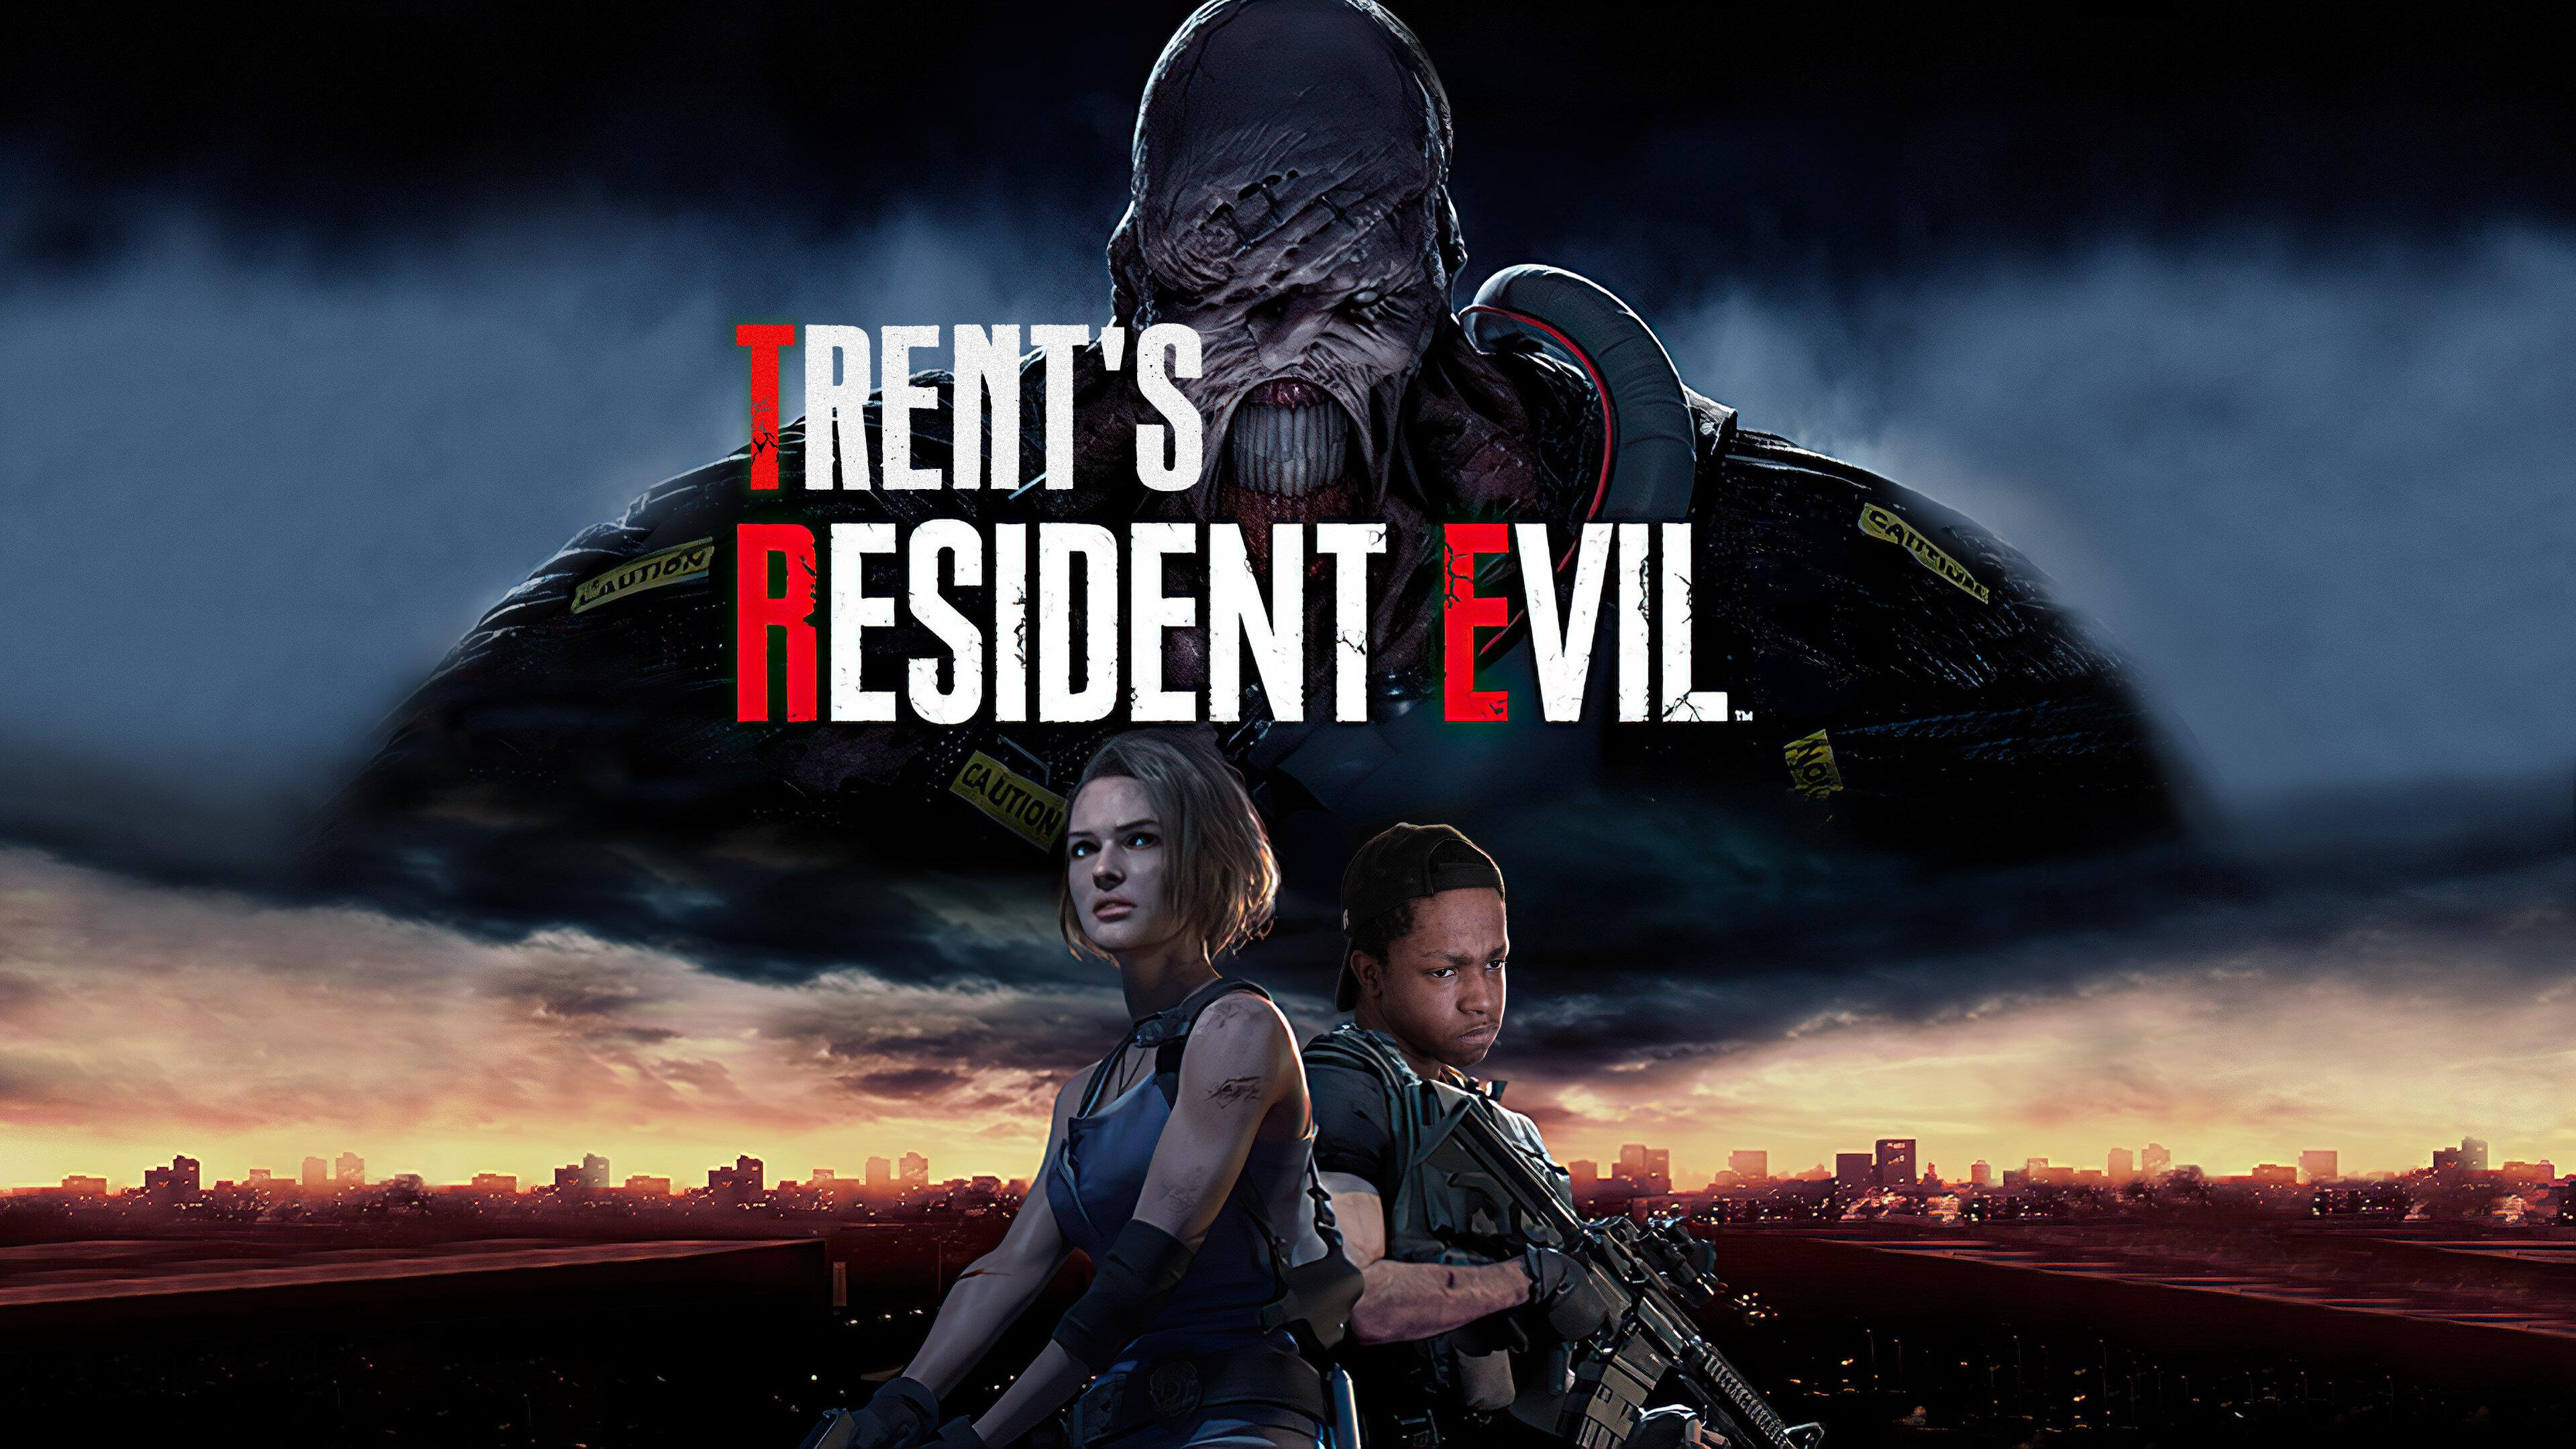 Trent's Resident Evil